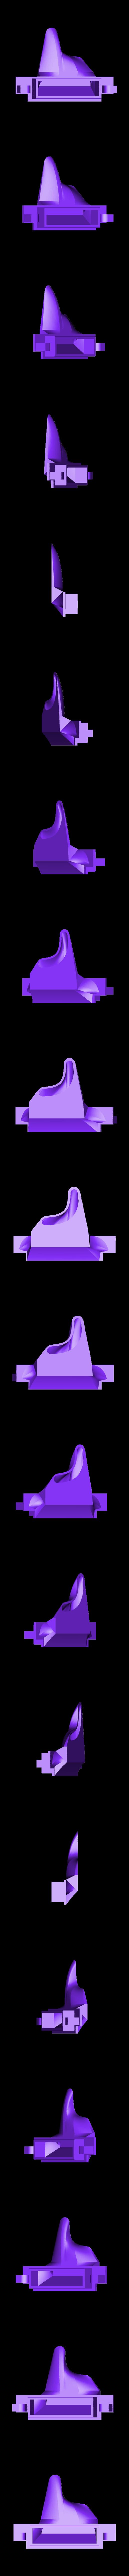 Duct3.stl Télécharger fichier STL gratuit Ender 3 clone BMG V6 avec des fans de créalité • Design à imprimer en 3D, nightmare670